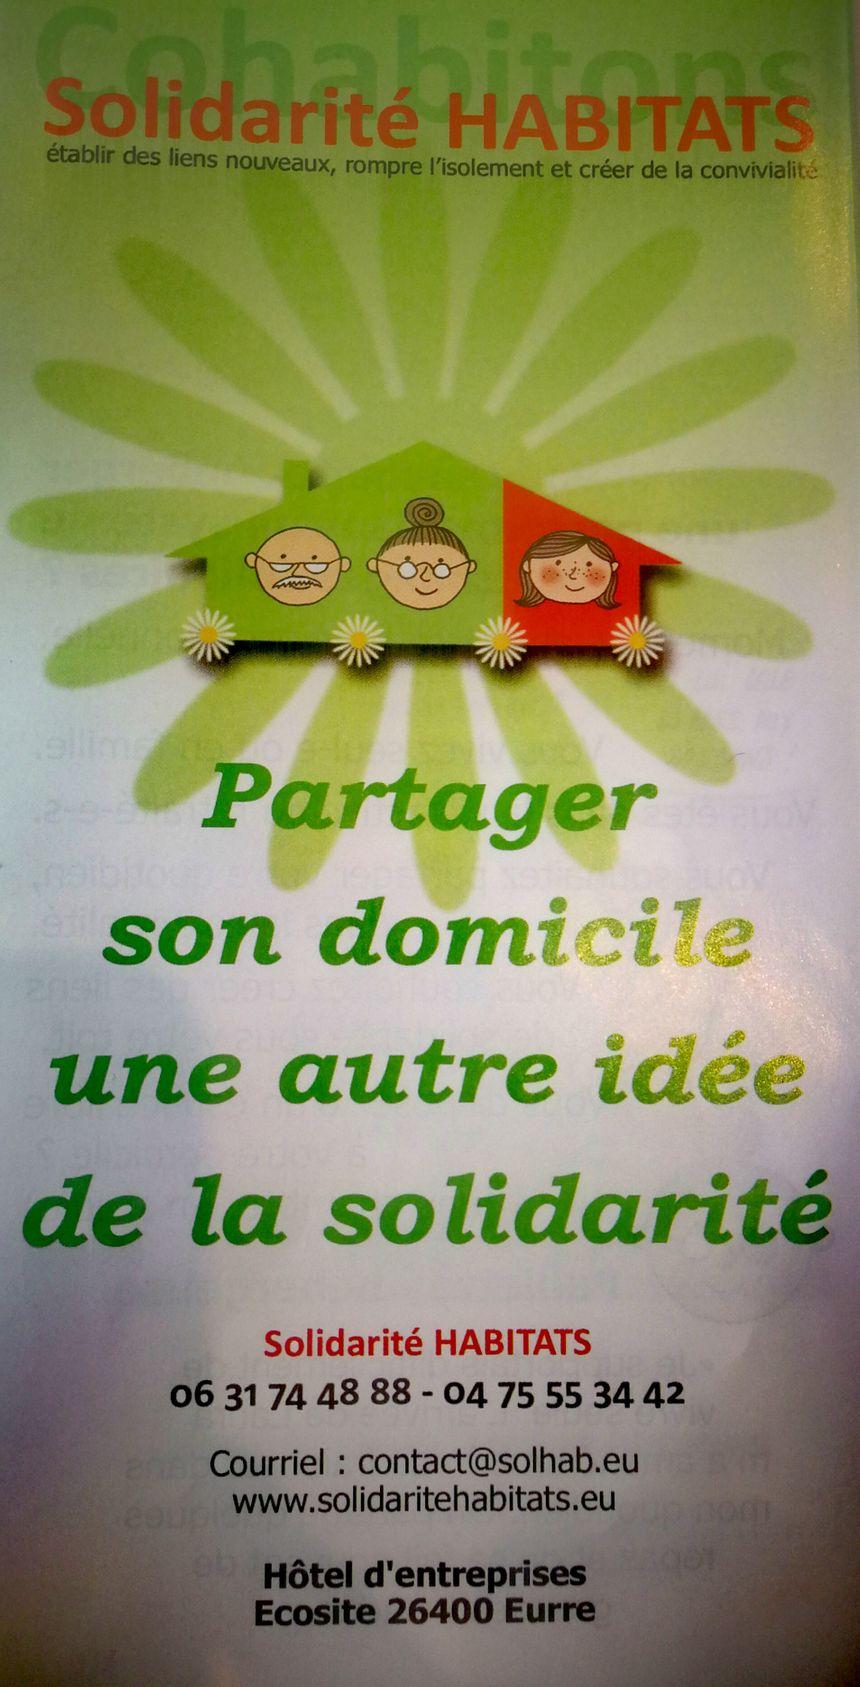 Solidarité Habitats flyer